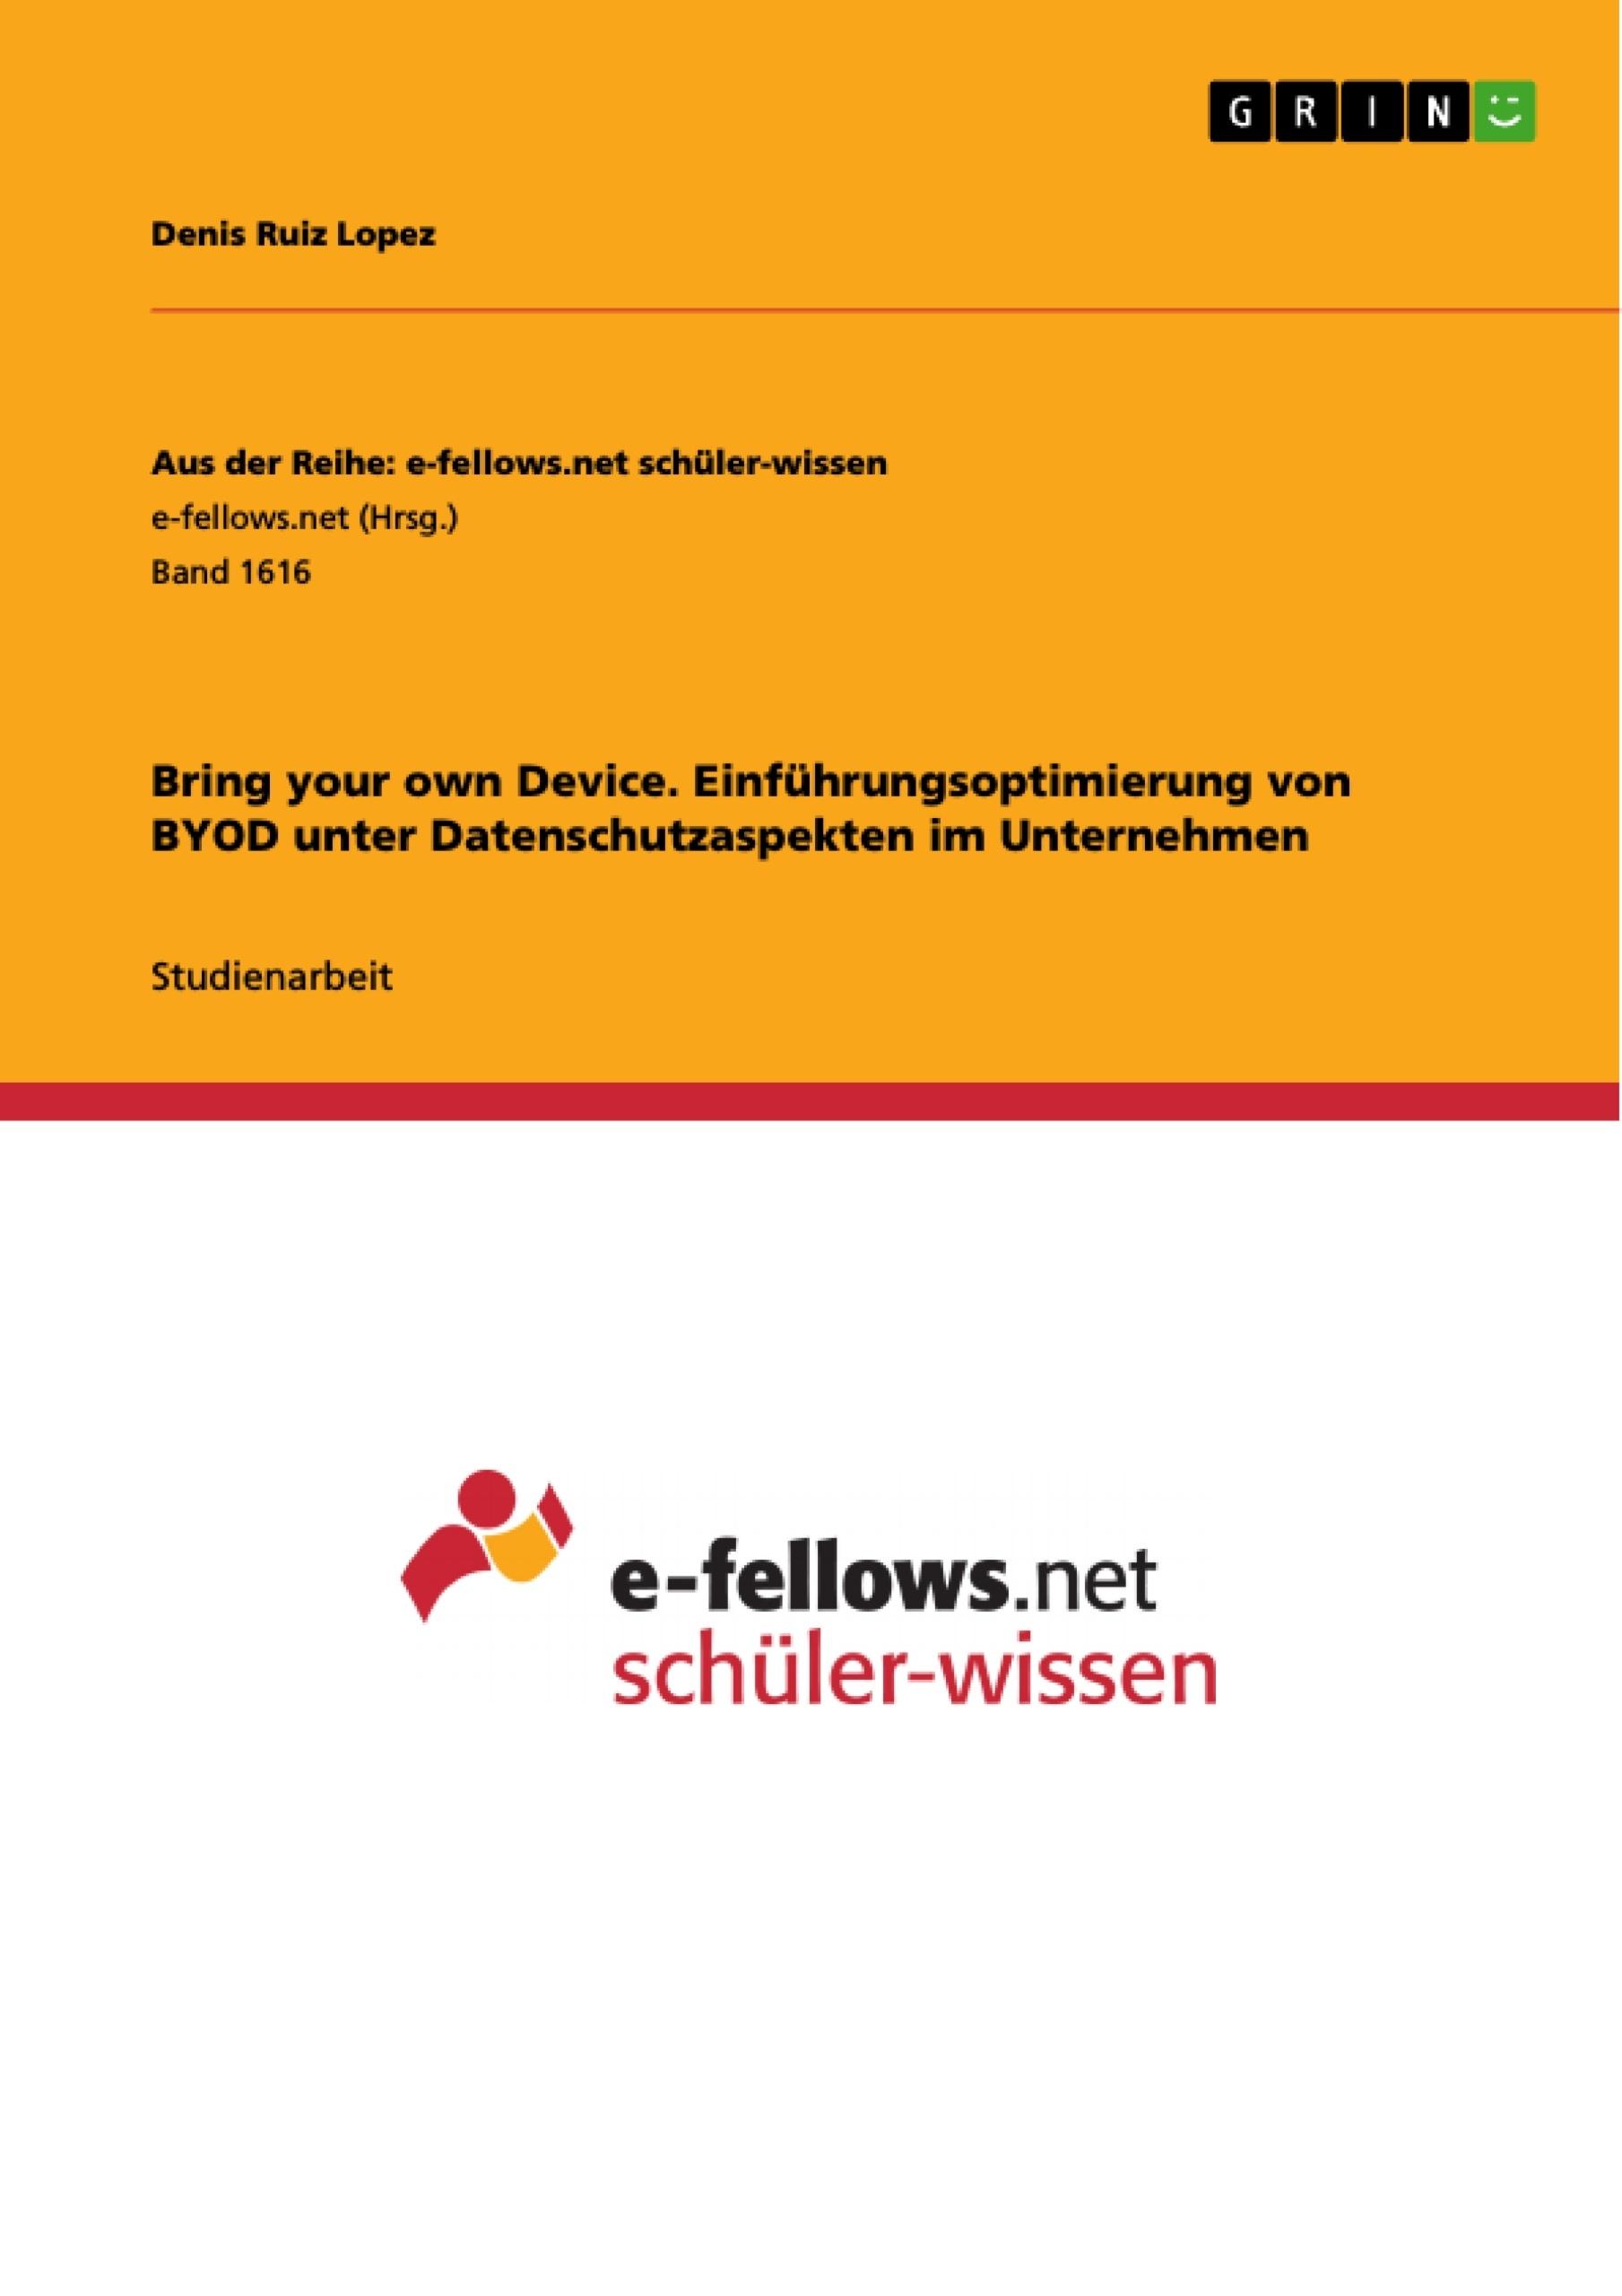 Titel: Bring your own Device. Einführungsoptimierung von BYOD unter Datenschutzaspekten im Unternehmen